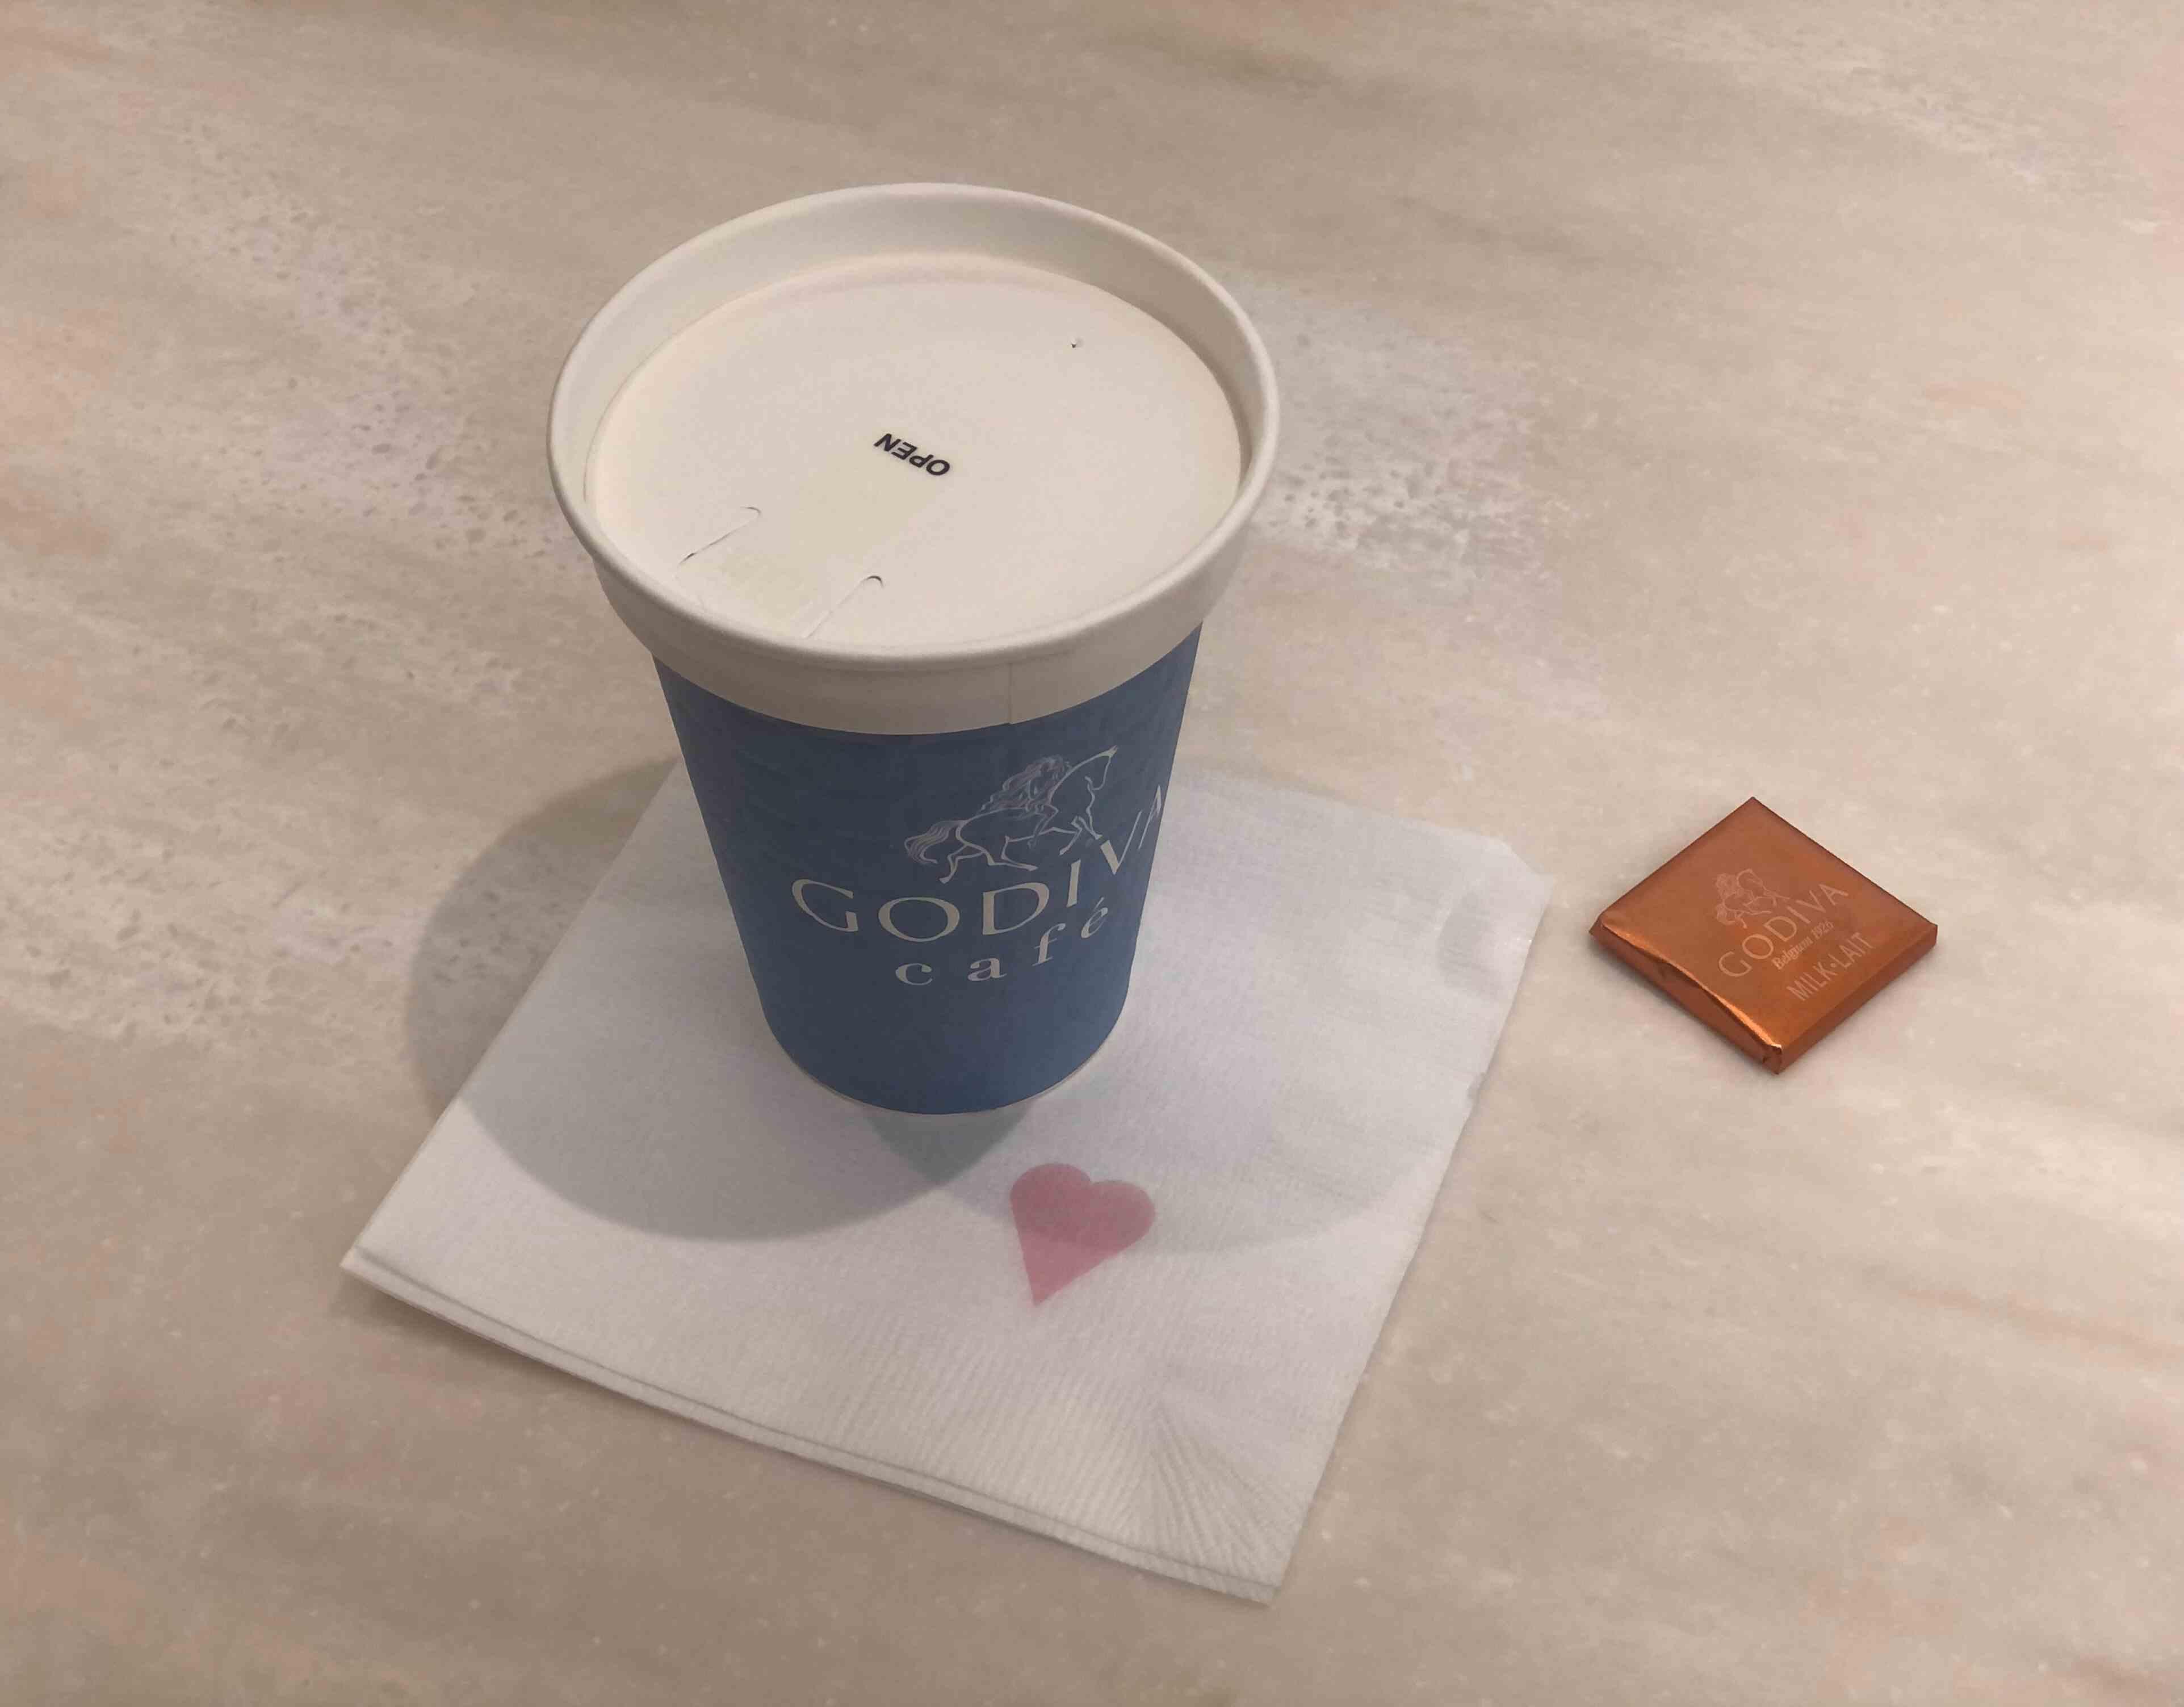 ゴディバカフェのカフェラテ。ゴディバのチョコがサービスでいただける。